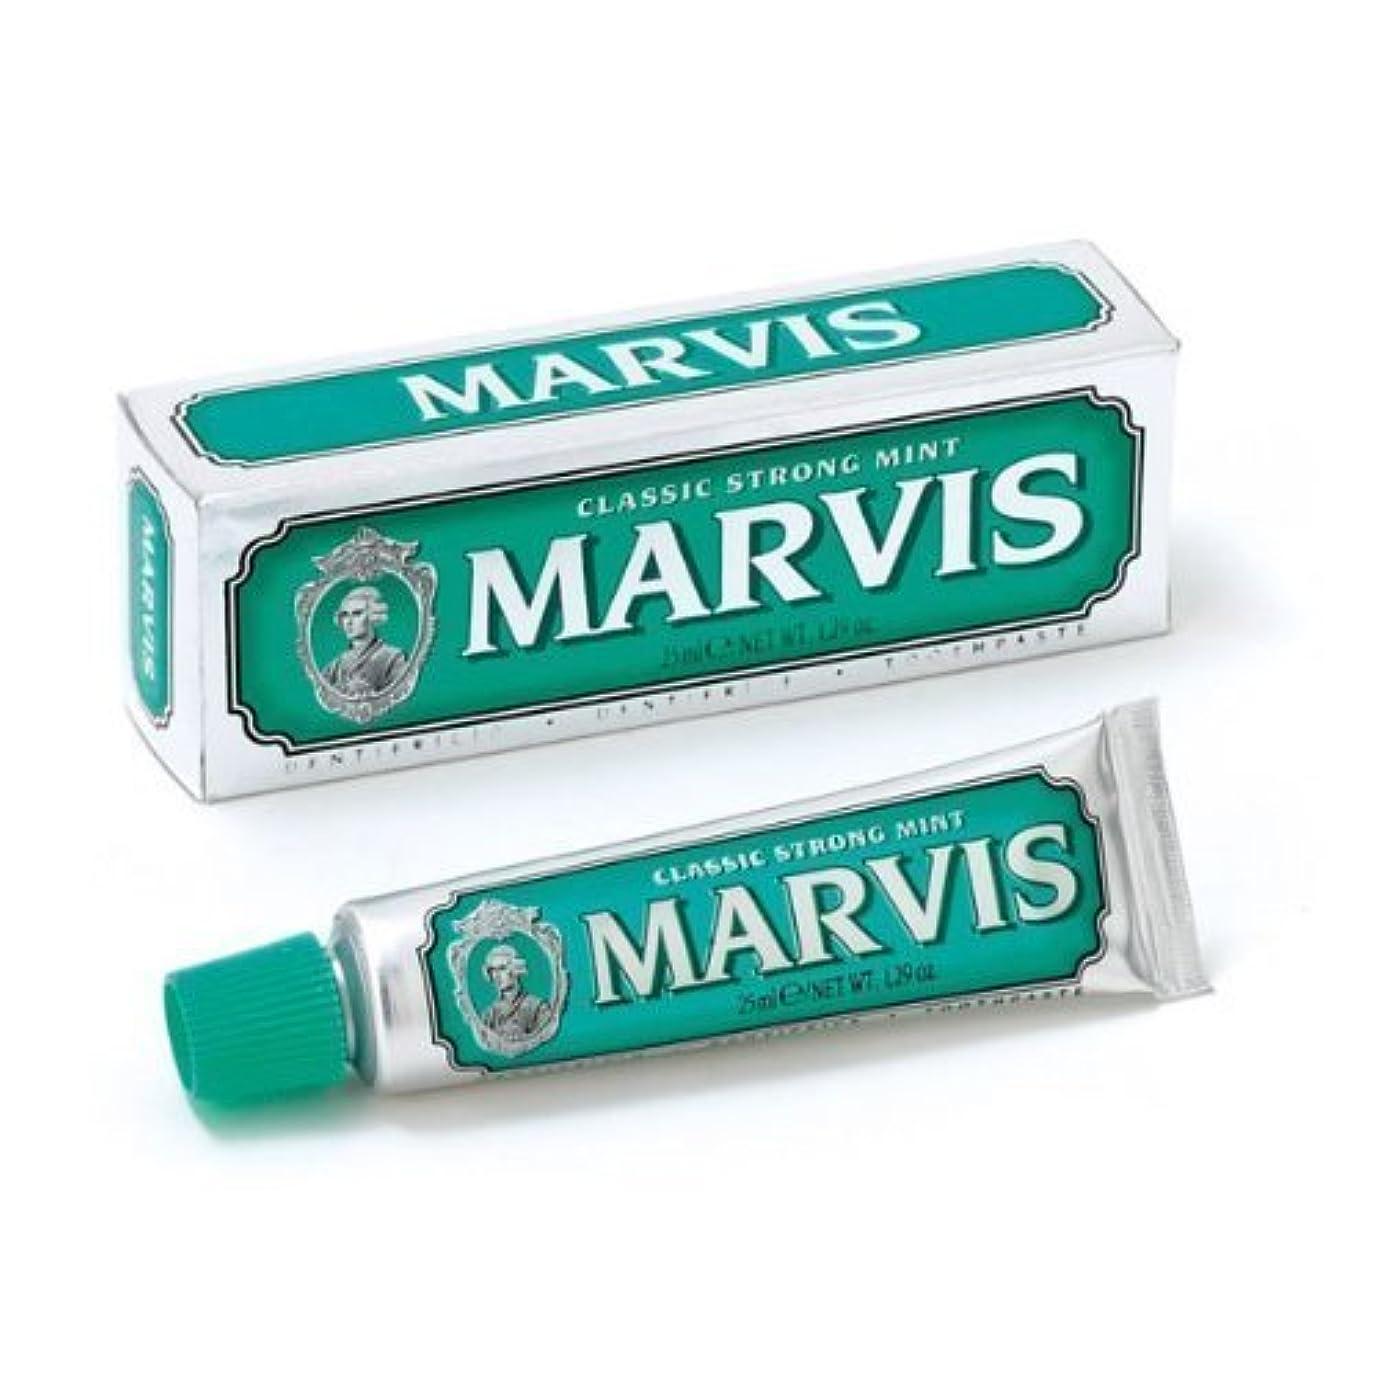 レビュー痛い高速道路Marvis Toothpaste - Classic Strong Mint 25ml Travel Size - 4 PACK by Marvis [並行輸入品]